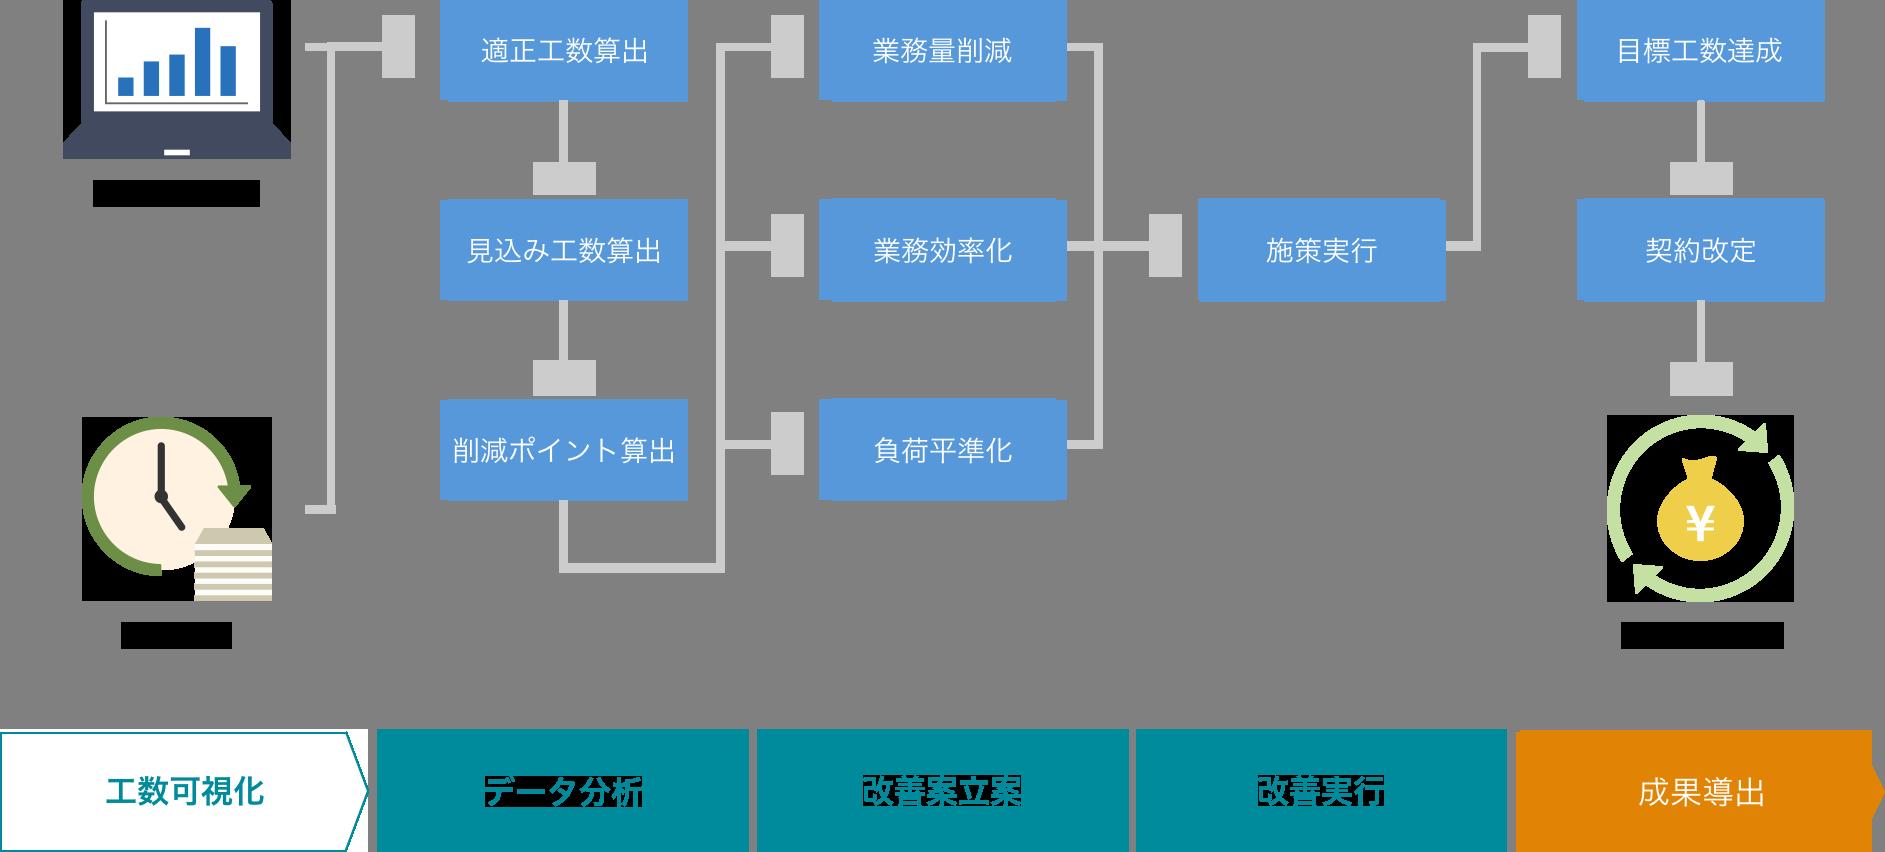 システム運用コスト削減/最適化